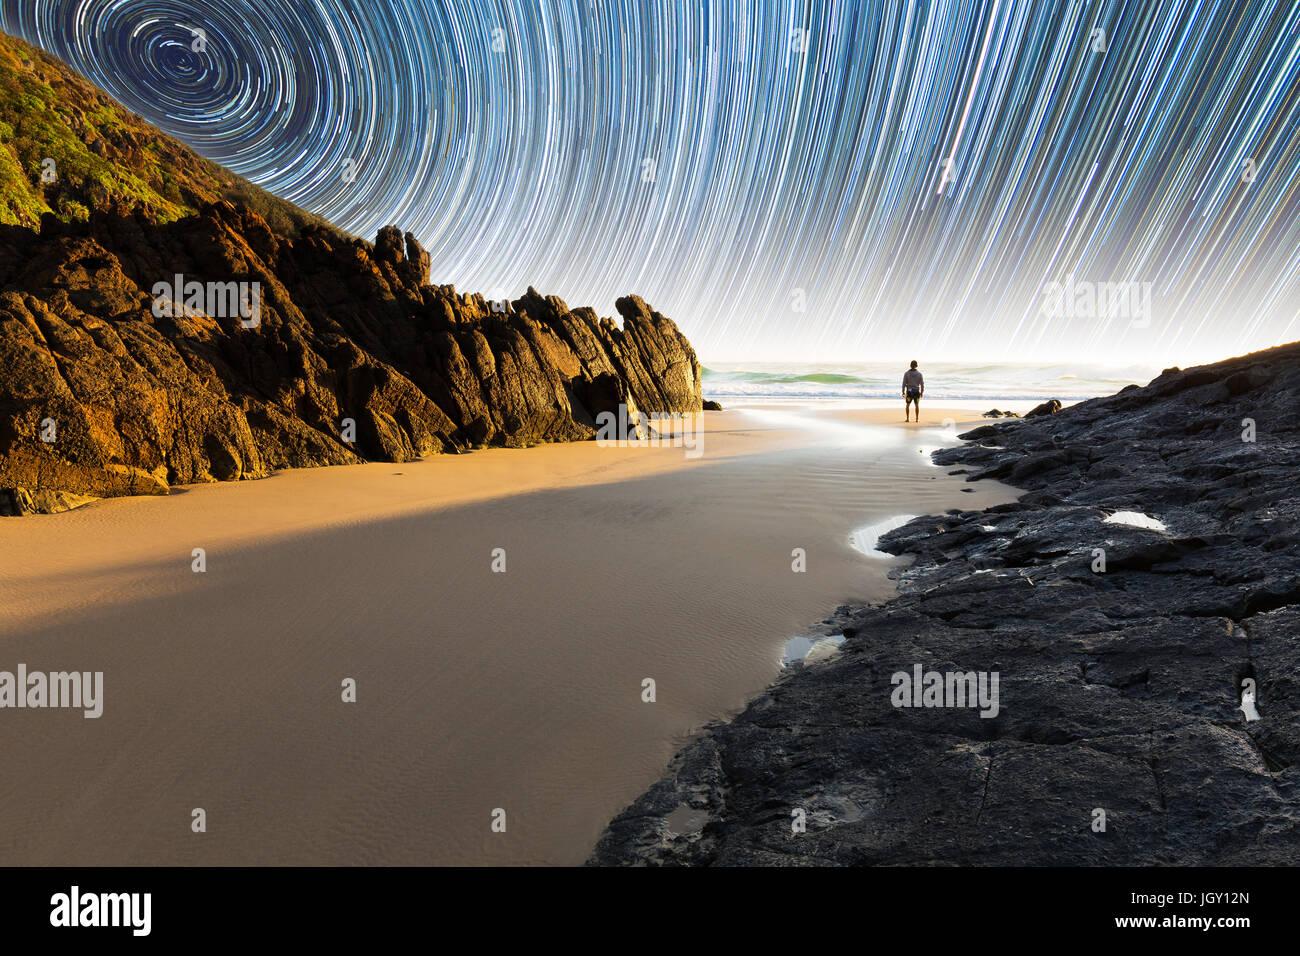 Ein Mann steht auf einem schönen, abgelegenen Strand in Australien unter eine faszinierende Sternspur Stockbild